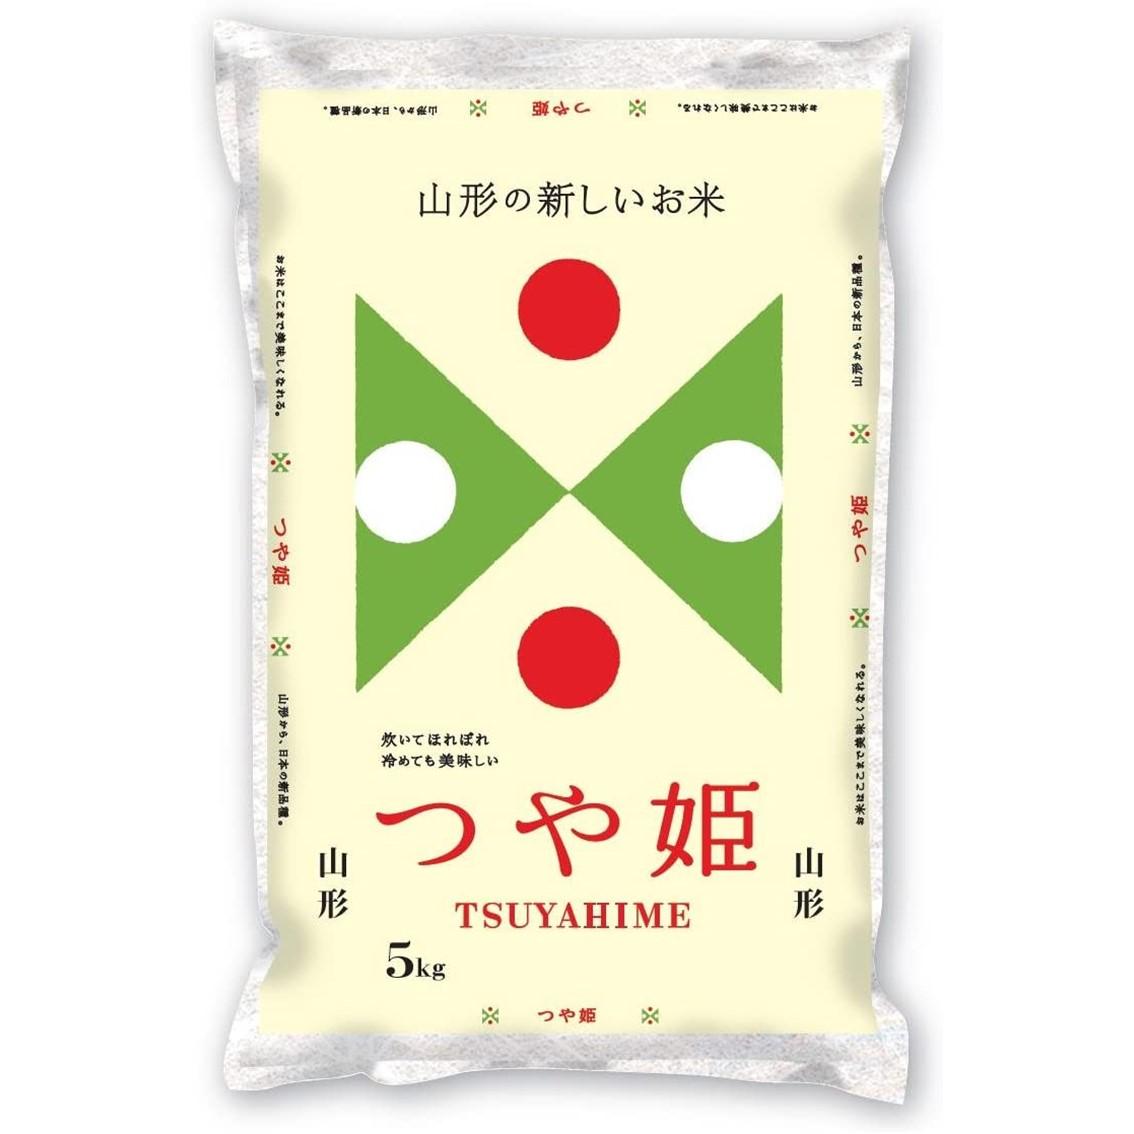 山形県産米の新品種「つや姫」